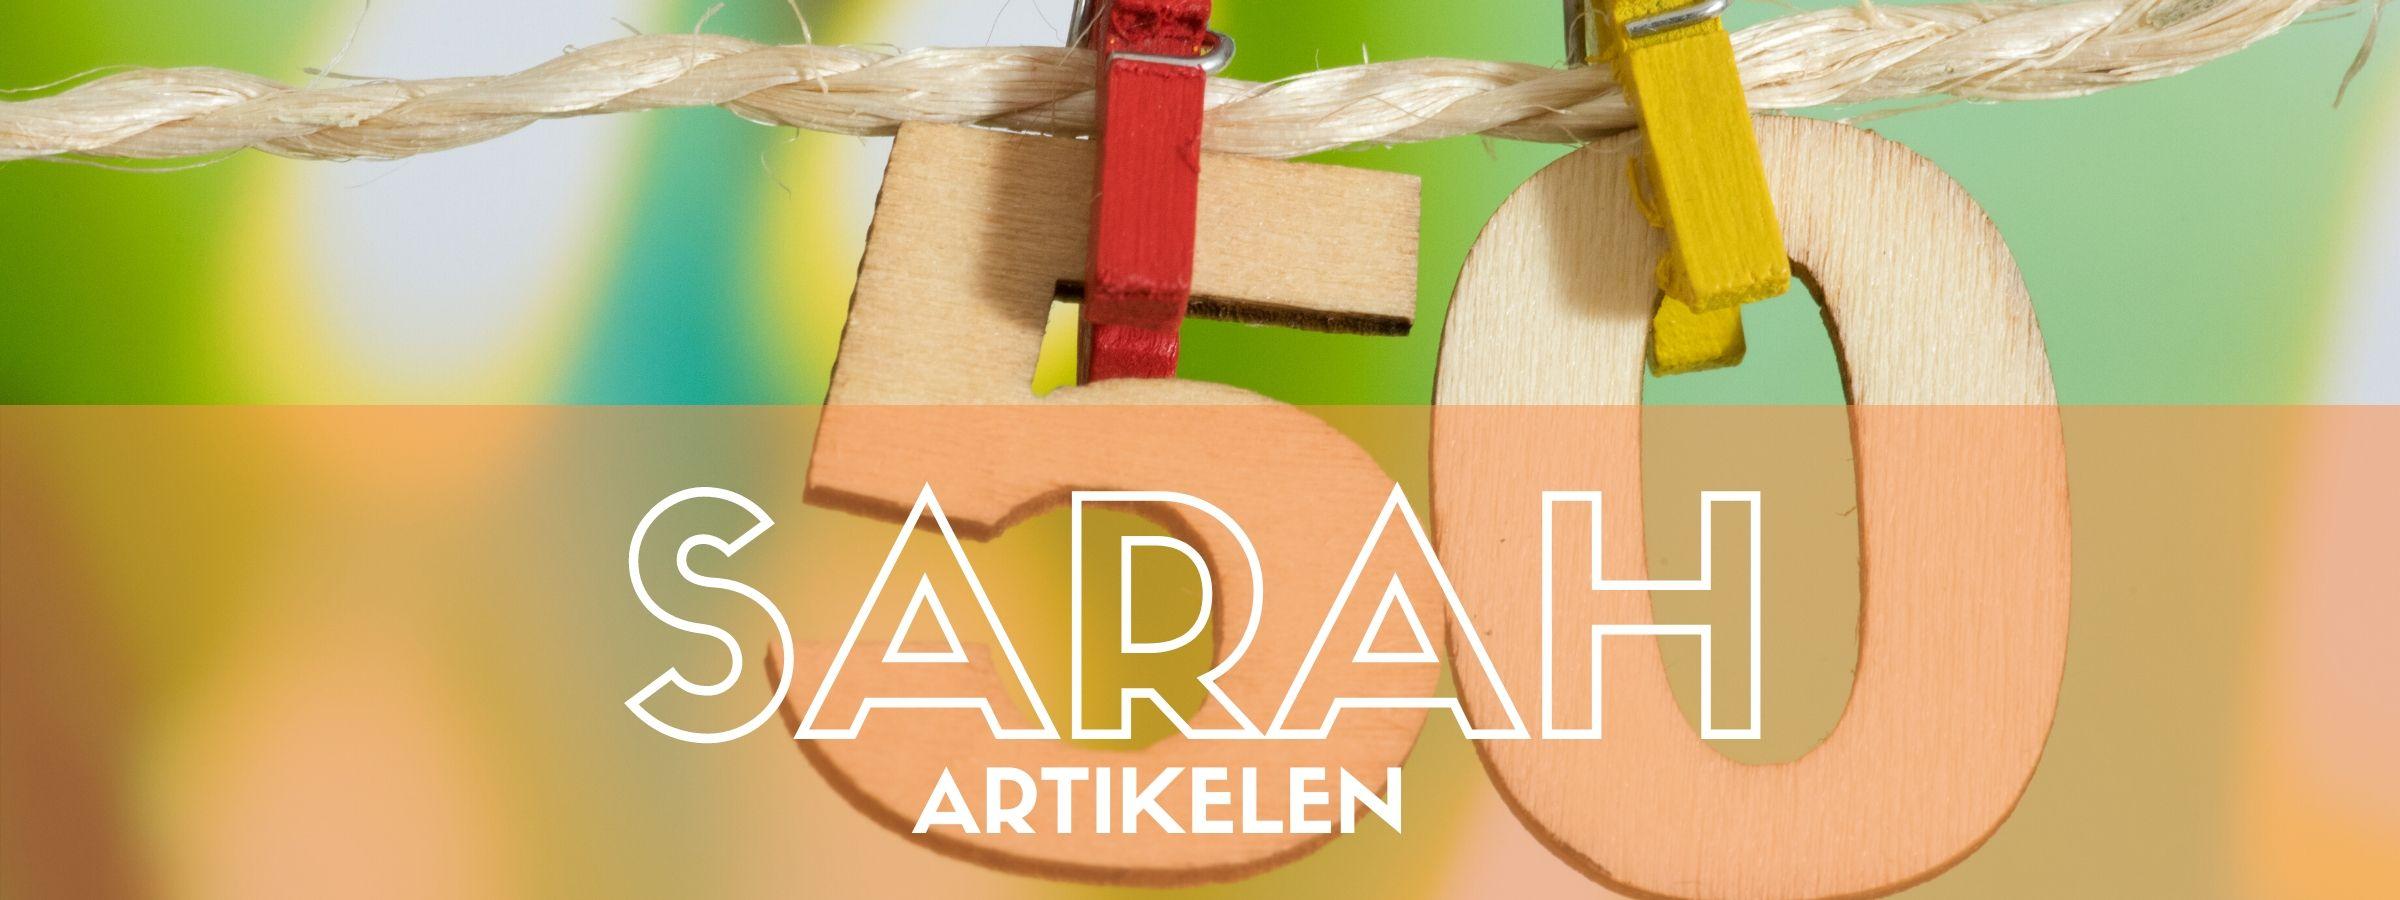 Koop de leukste Sarah vlaggen bij JB Feestartikelen